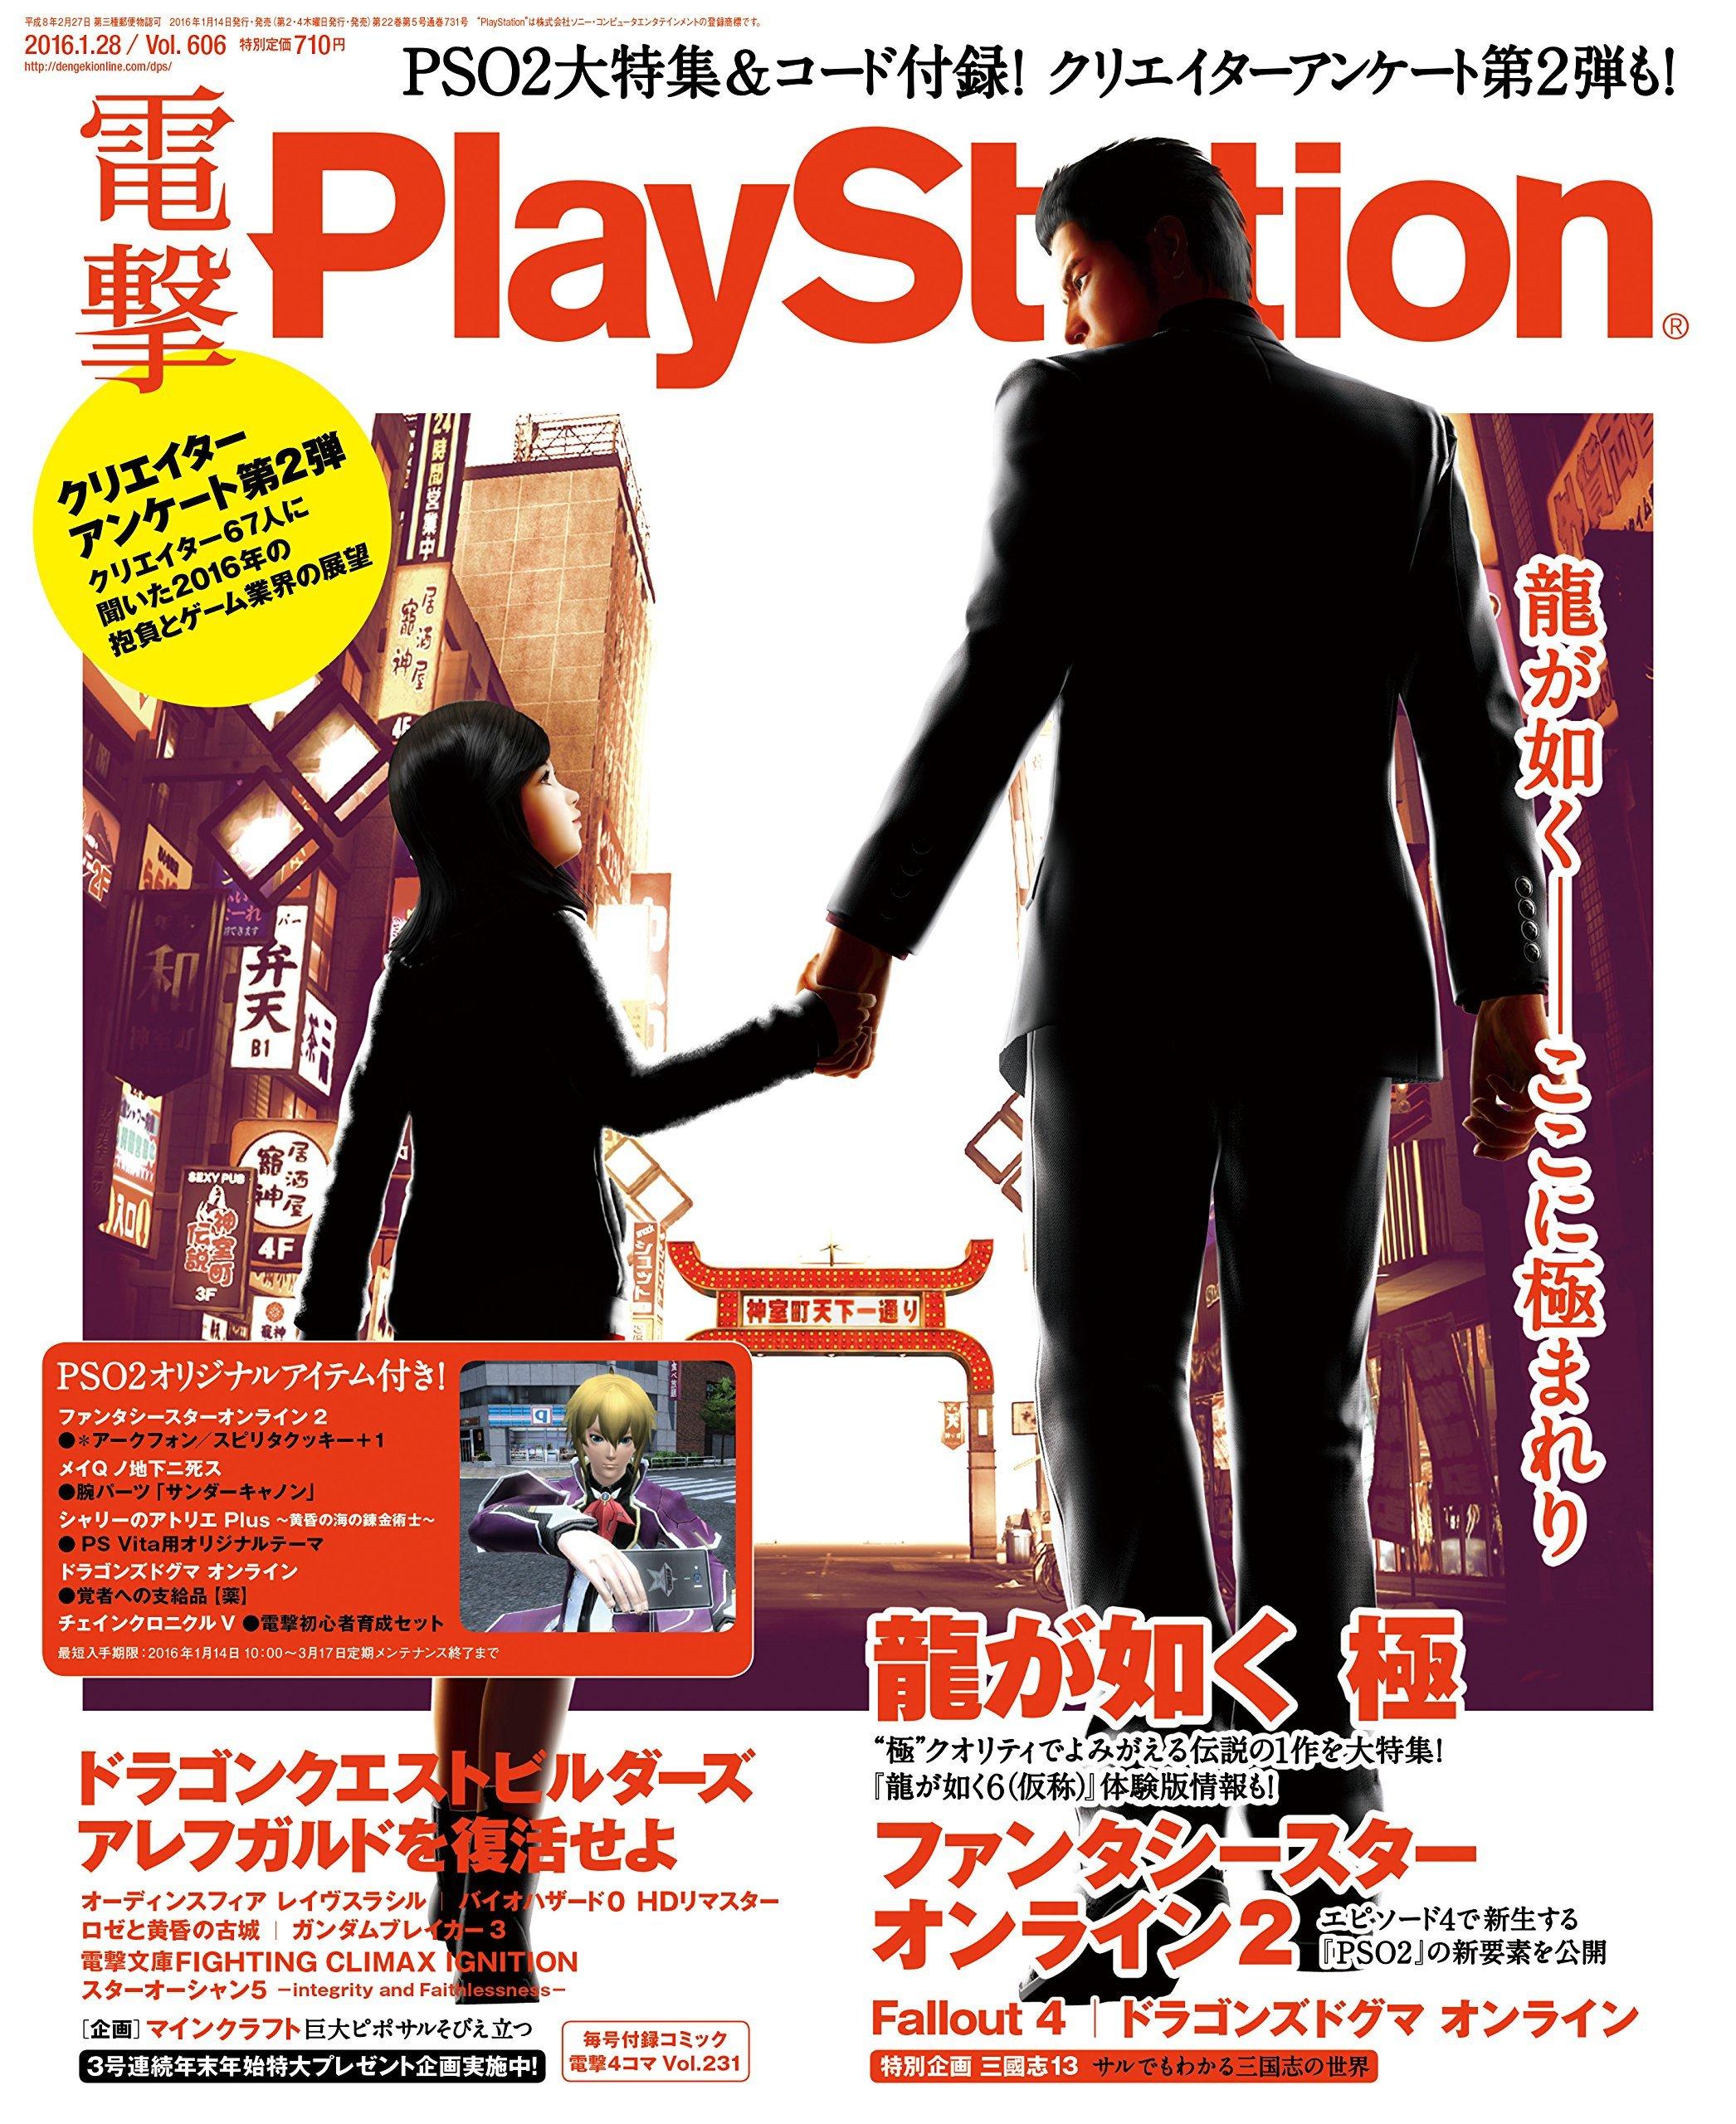 Dengeki PlayStation 606 (January 28, 2016)